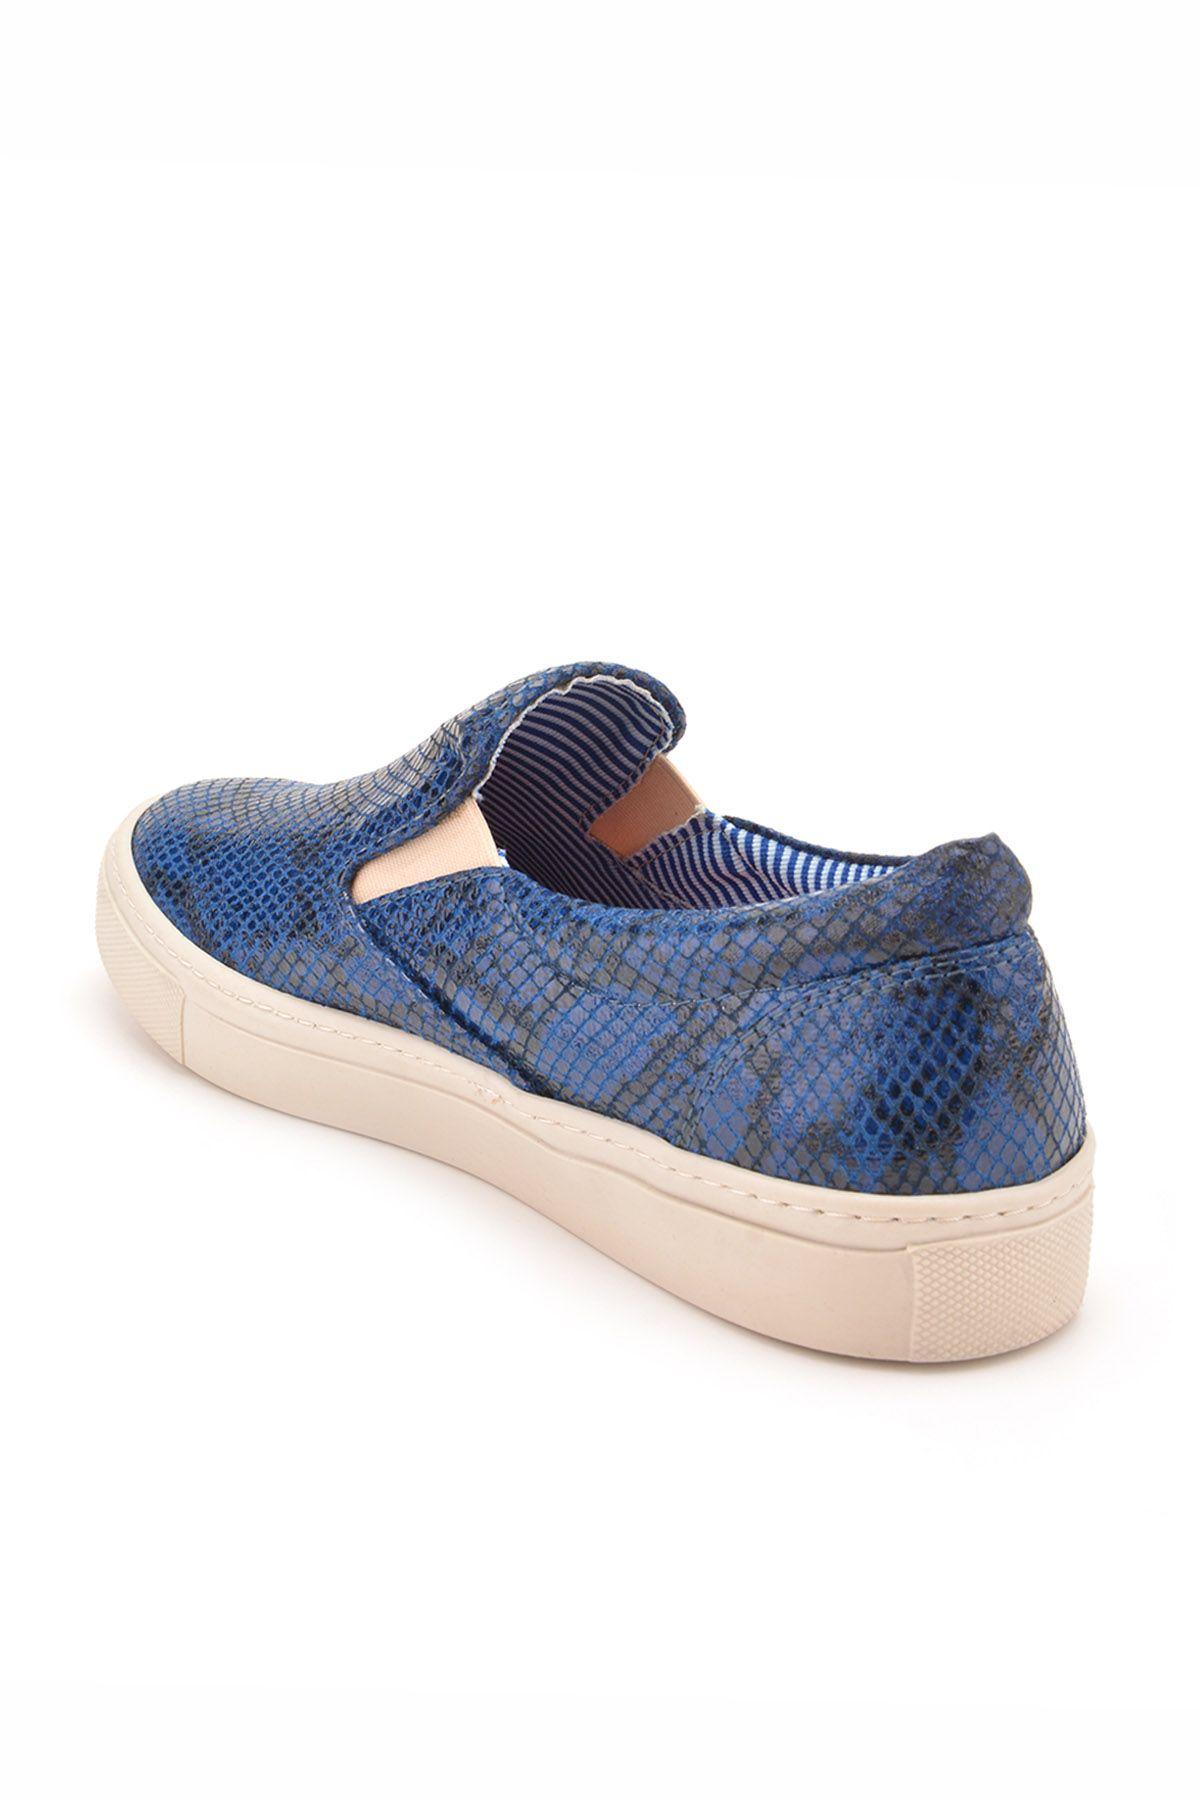 Art Goya Women Sneakers With Snake Pattern Navy blue